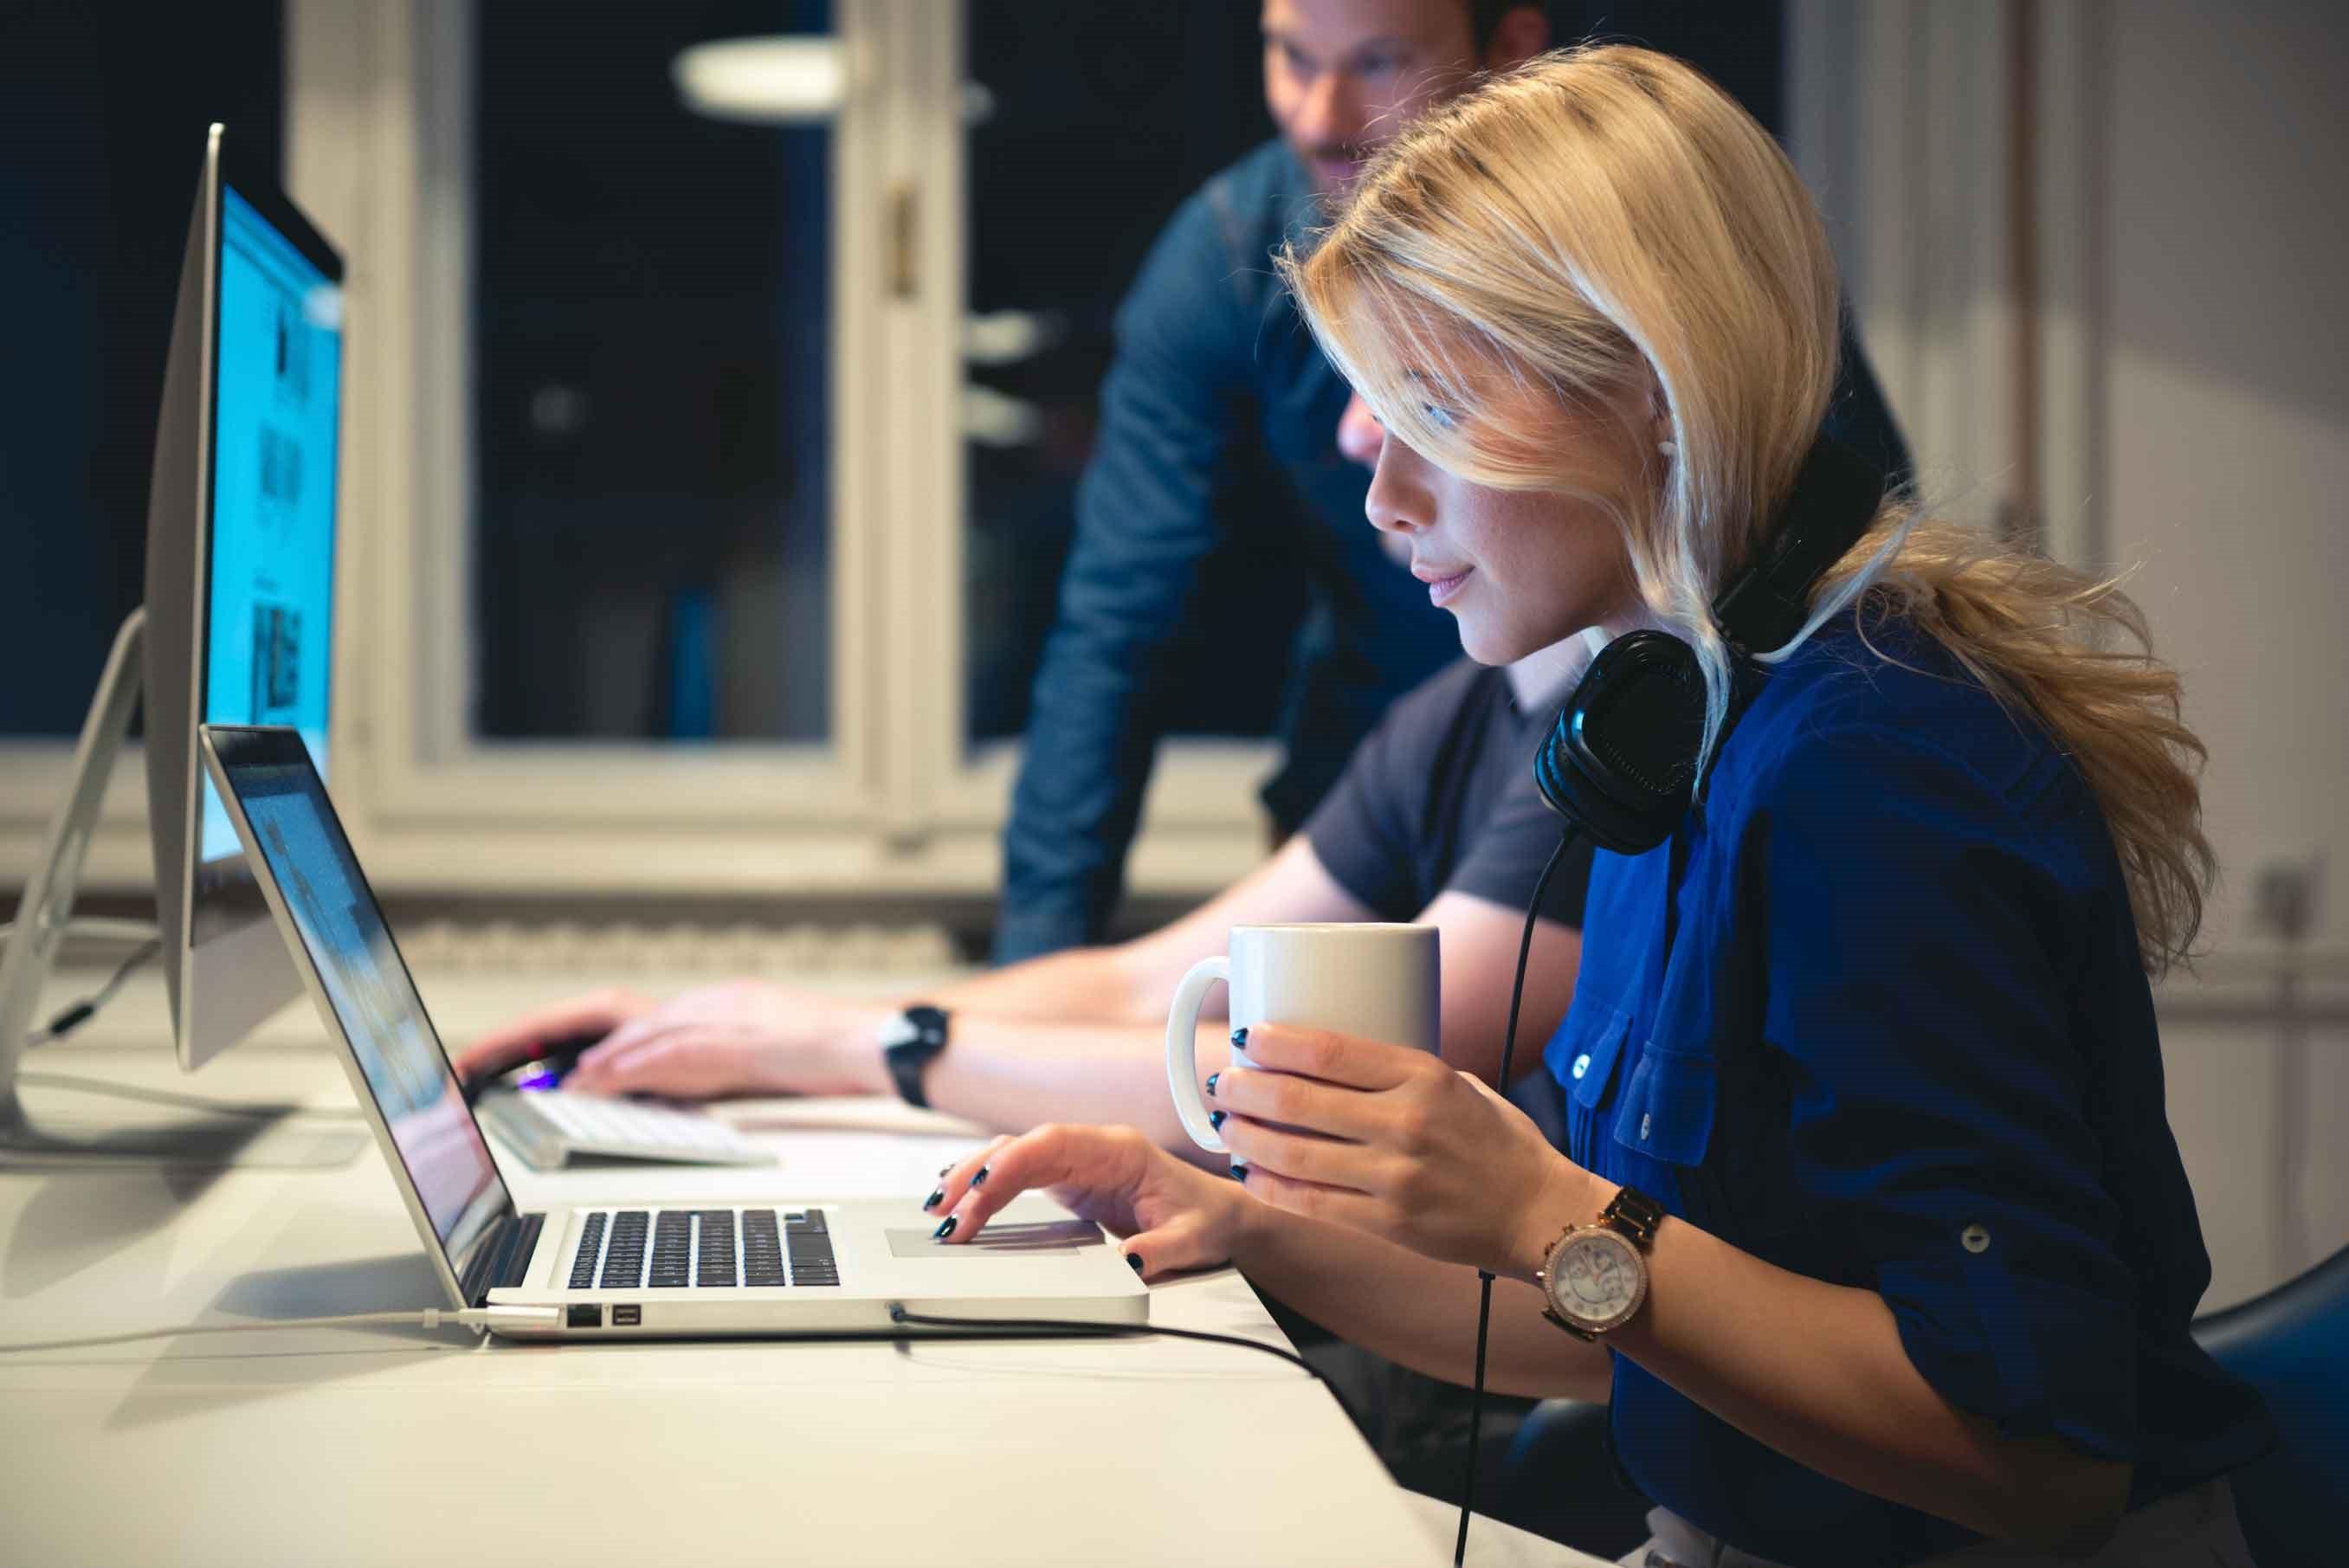 مهاجرت کاری طراح وب در کانادا